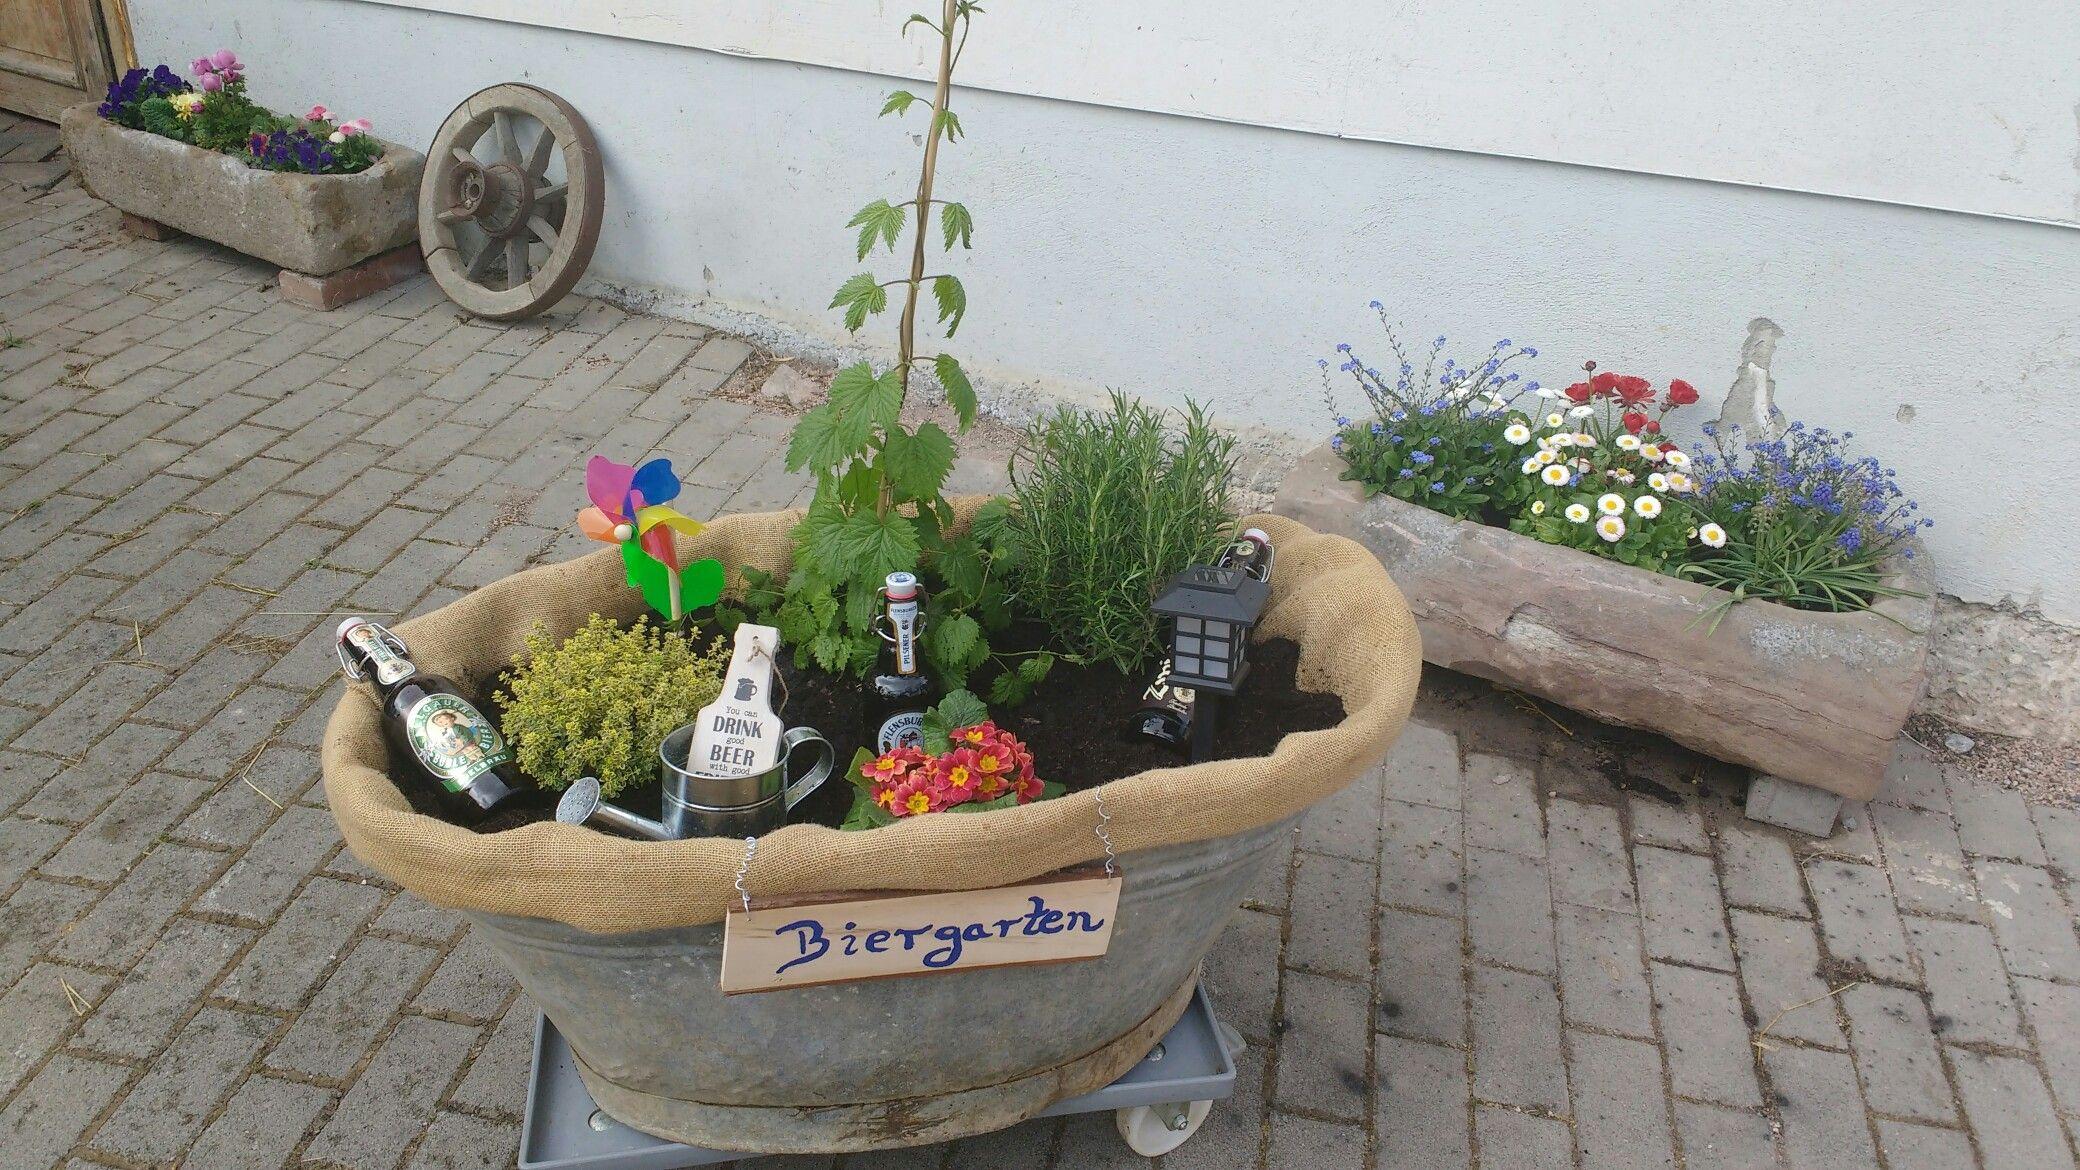 Geschenkideen Garten  Biergarten Männer Geschenk Garten